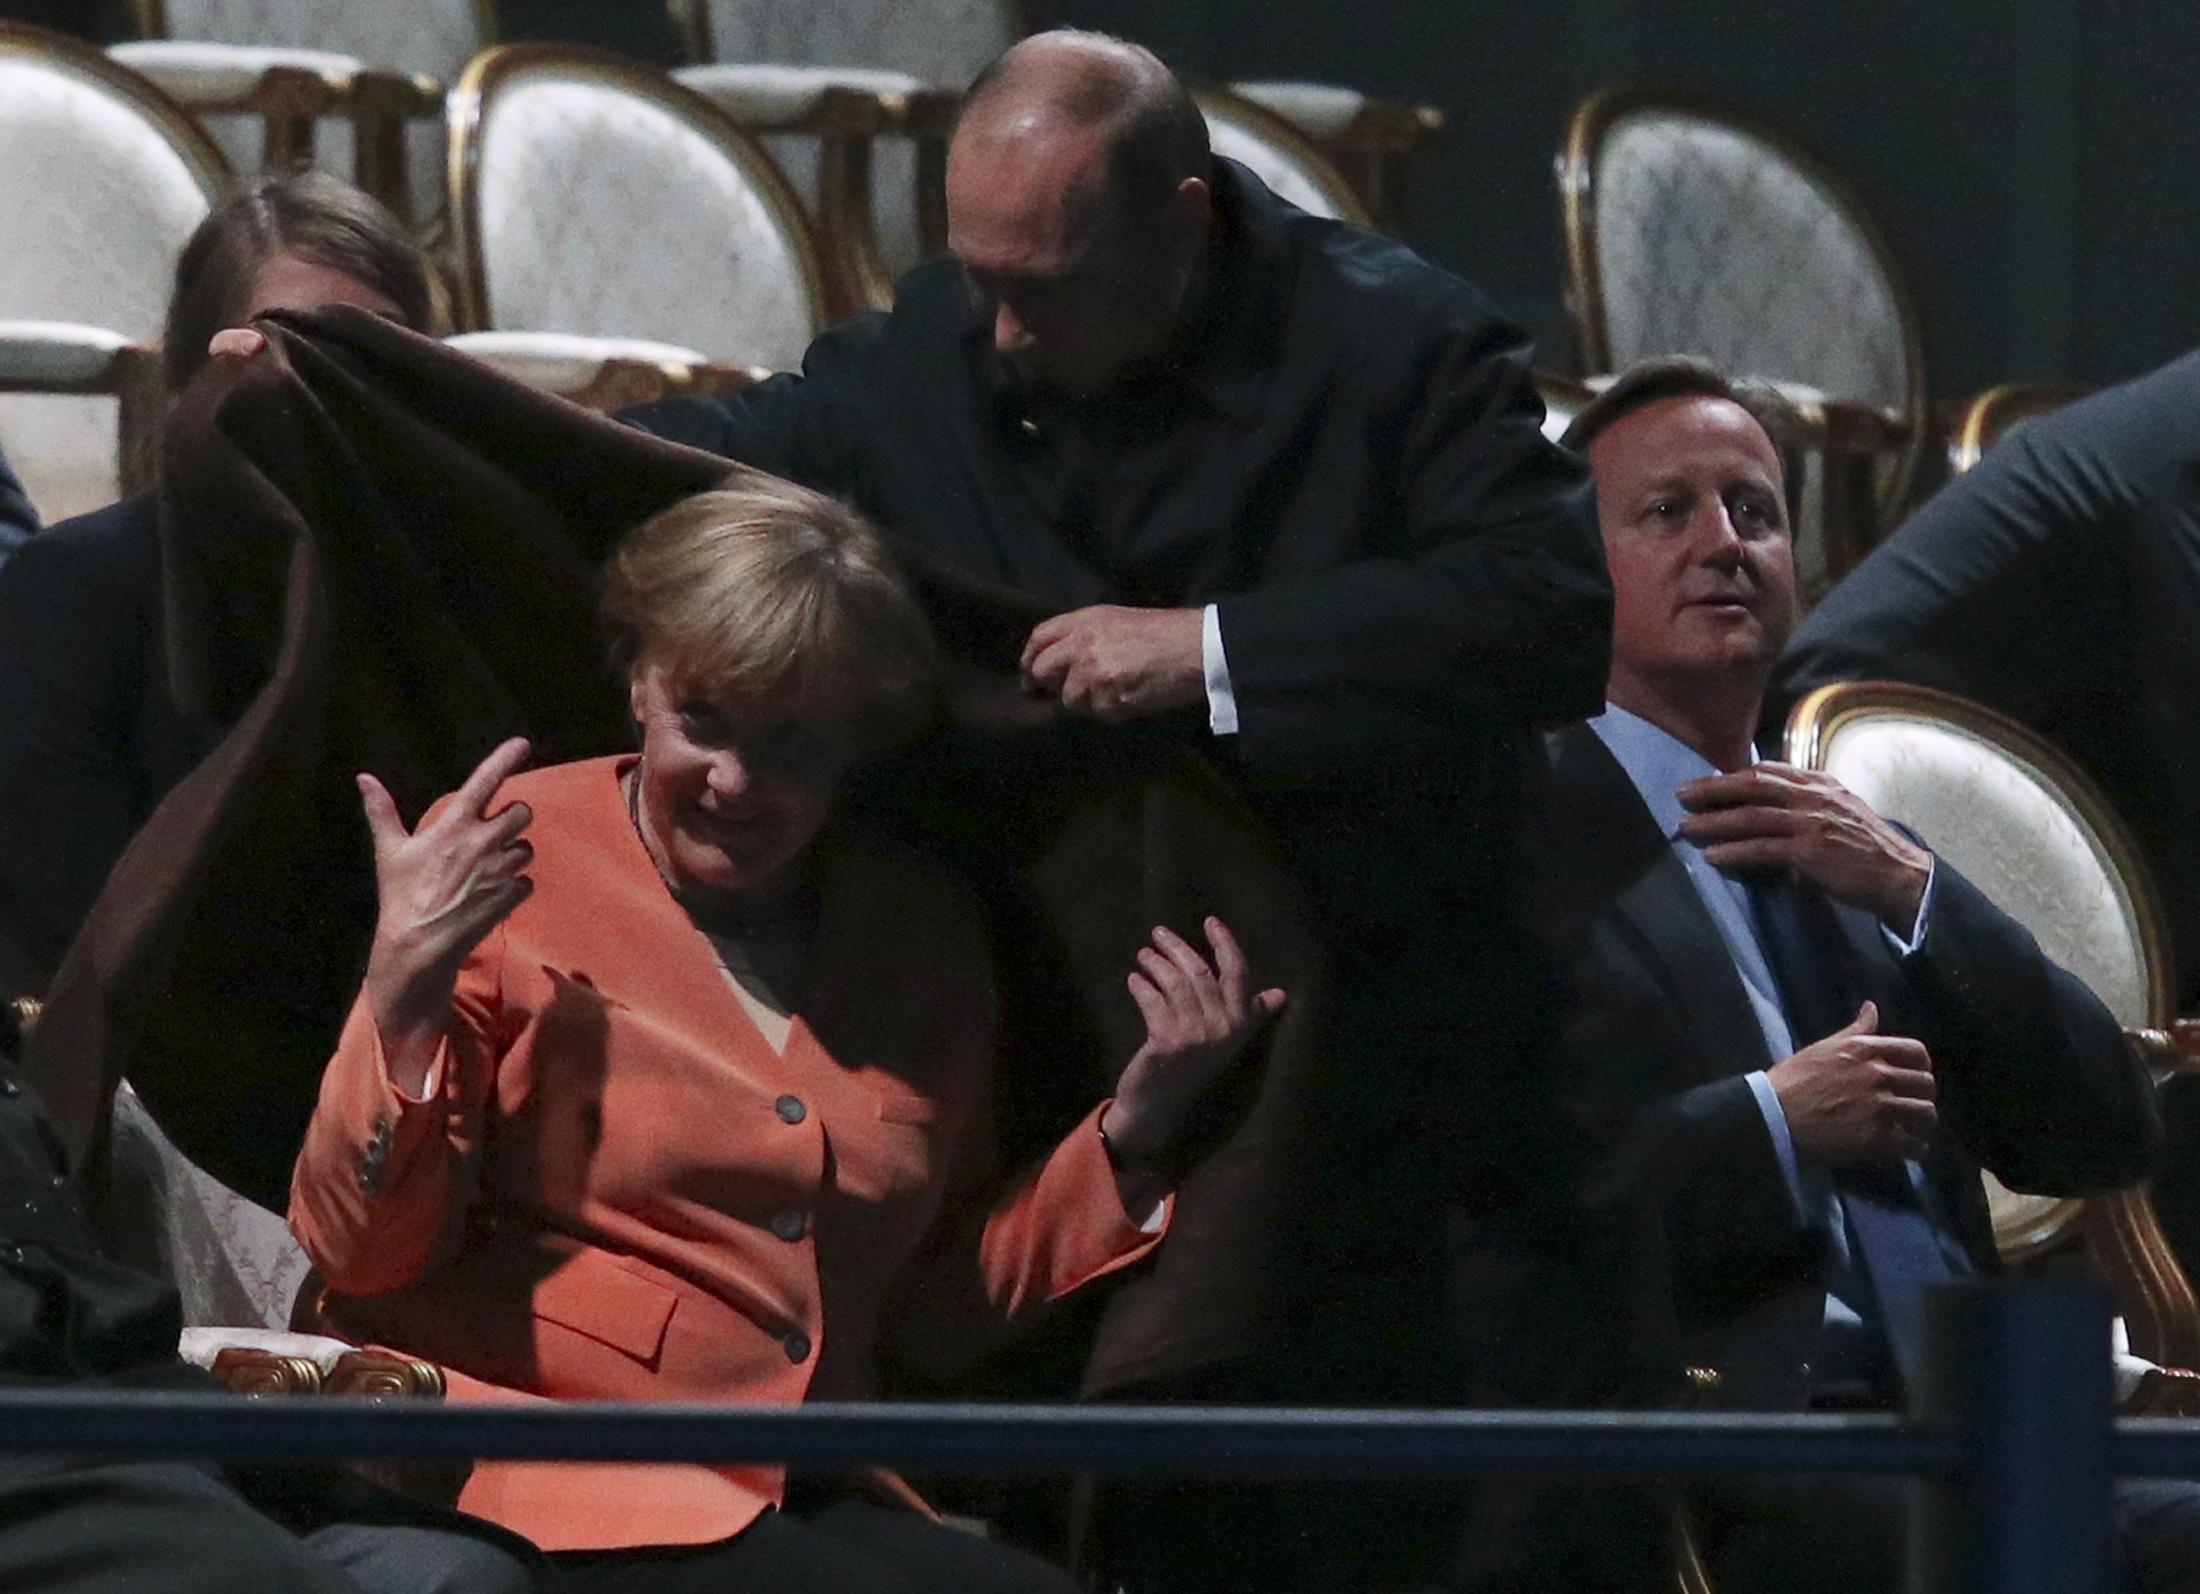 2013年9月サンクトペテルブルク20ヶ国・地域(G20)首脳会議で、プーチン大統領がドイツのアンゲラ・メルケル首相の肩に毛布をかける。この時はそれほど話題にならなかった。